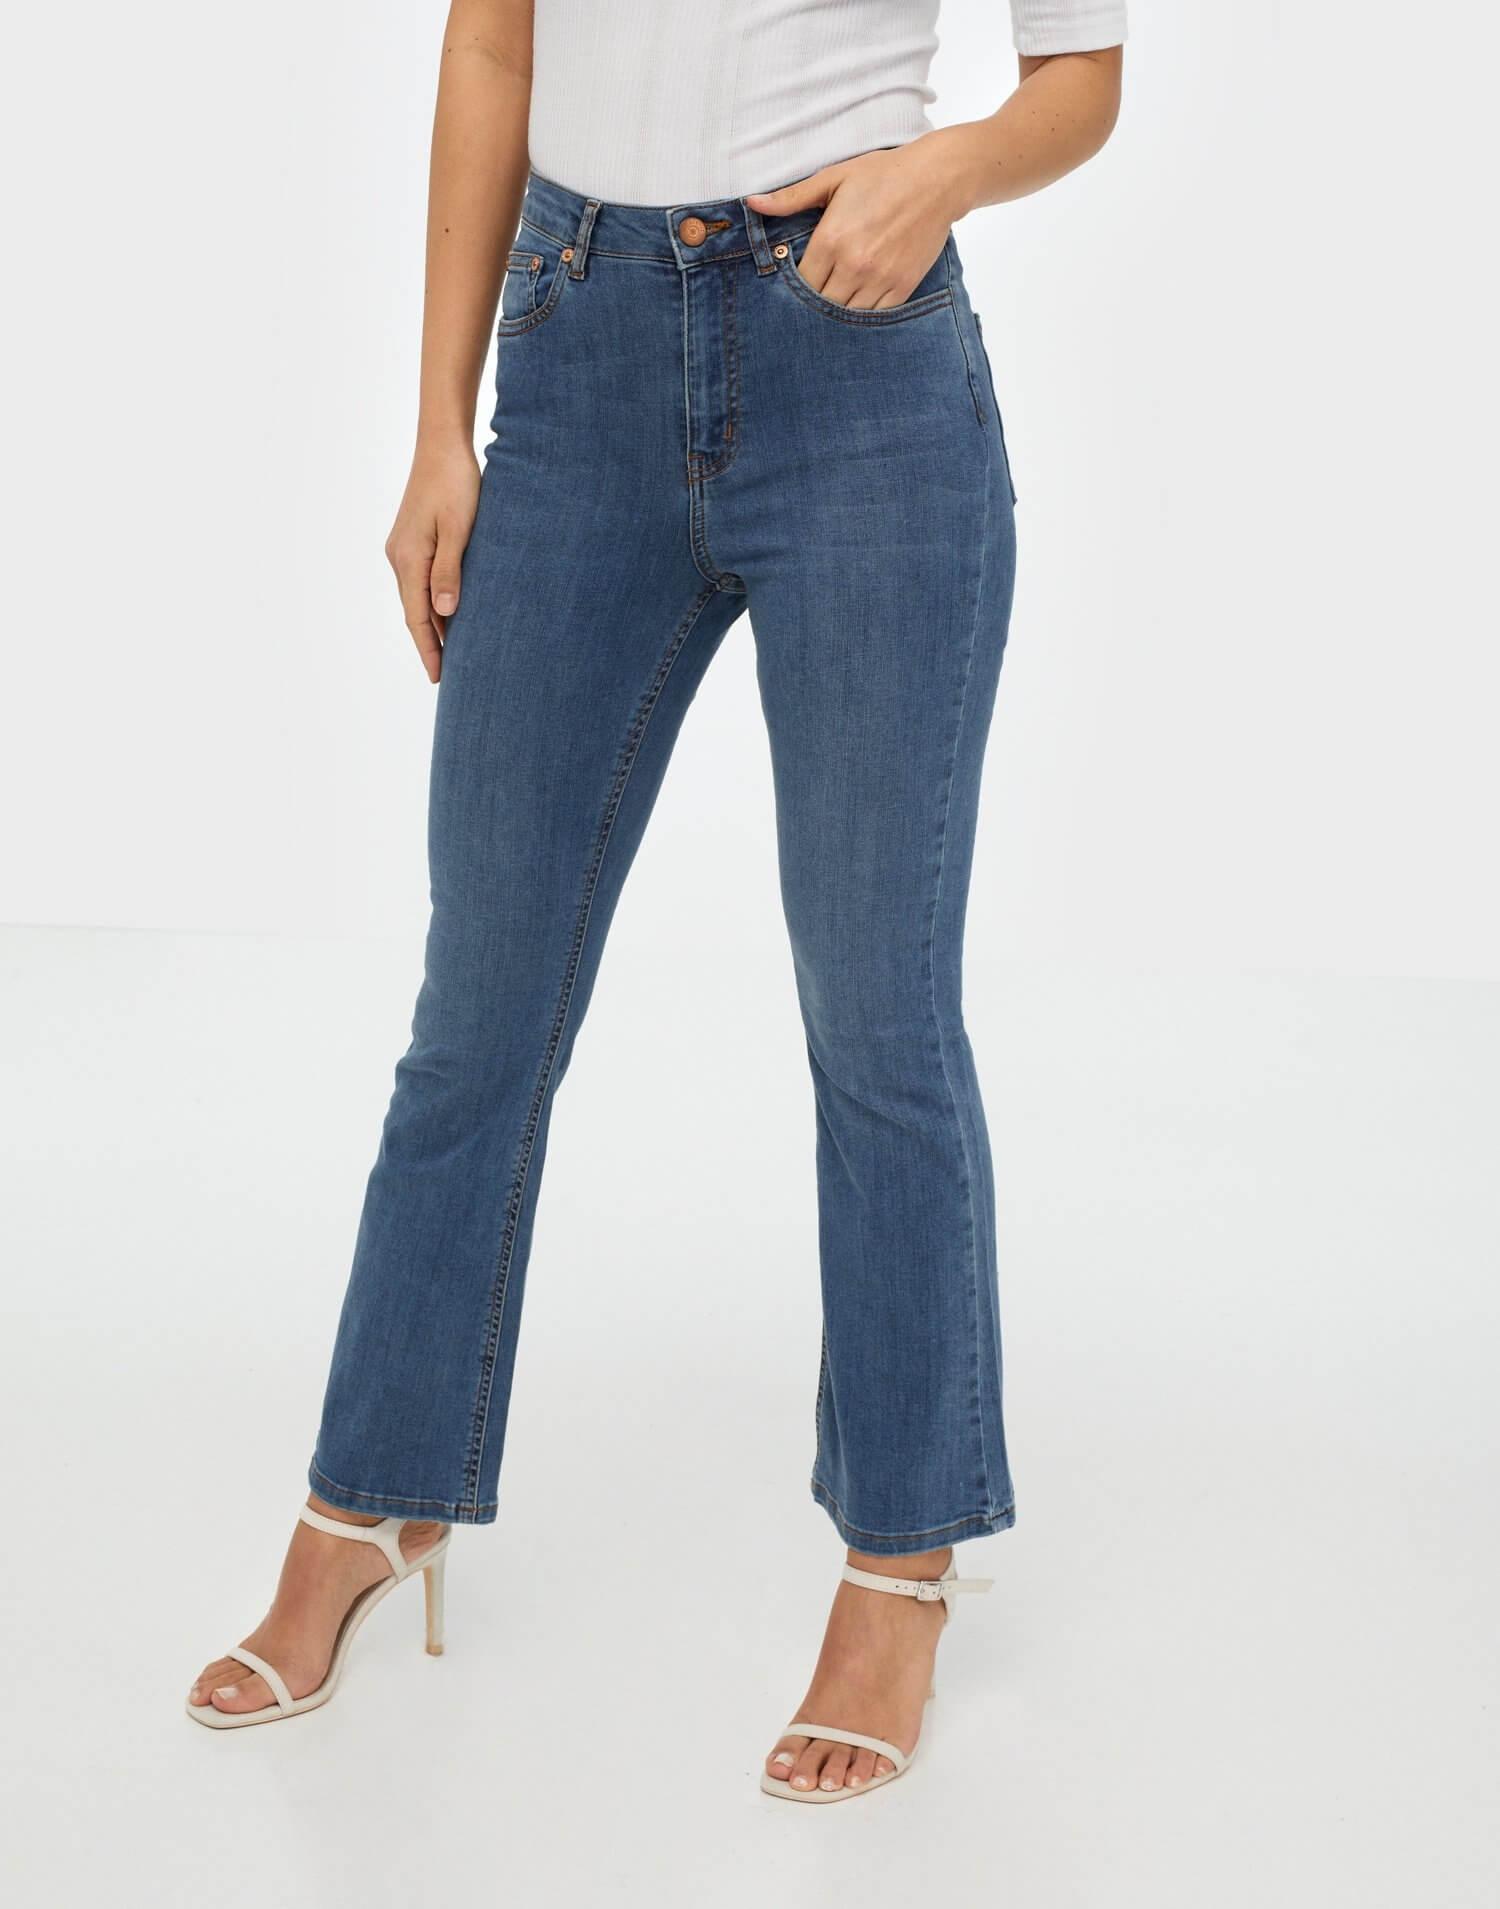 Blåa jeans i flared fit från Gestuz.